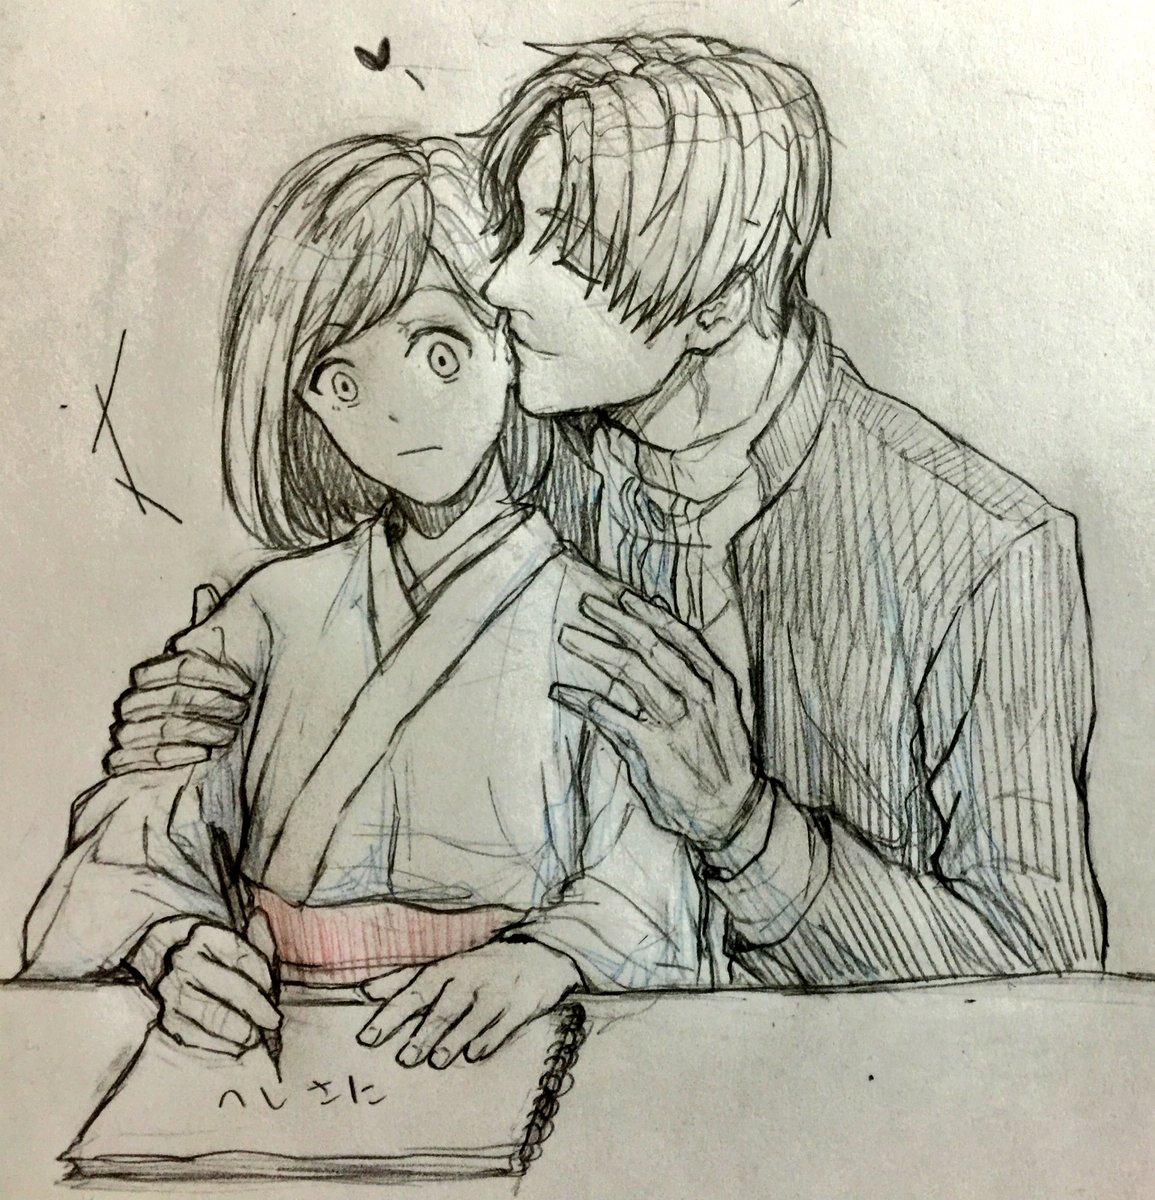 耳にキスしてる長谷部(へしさに) やる気があればデジタルで描きます